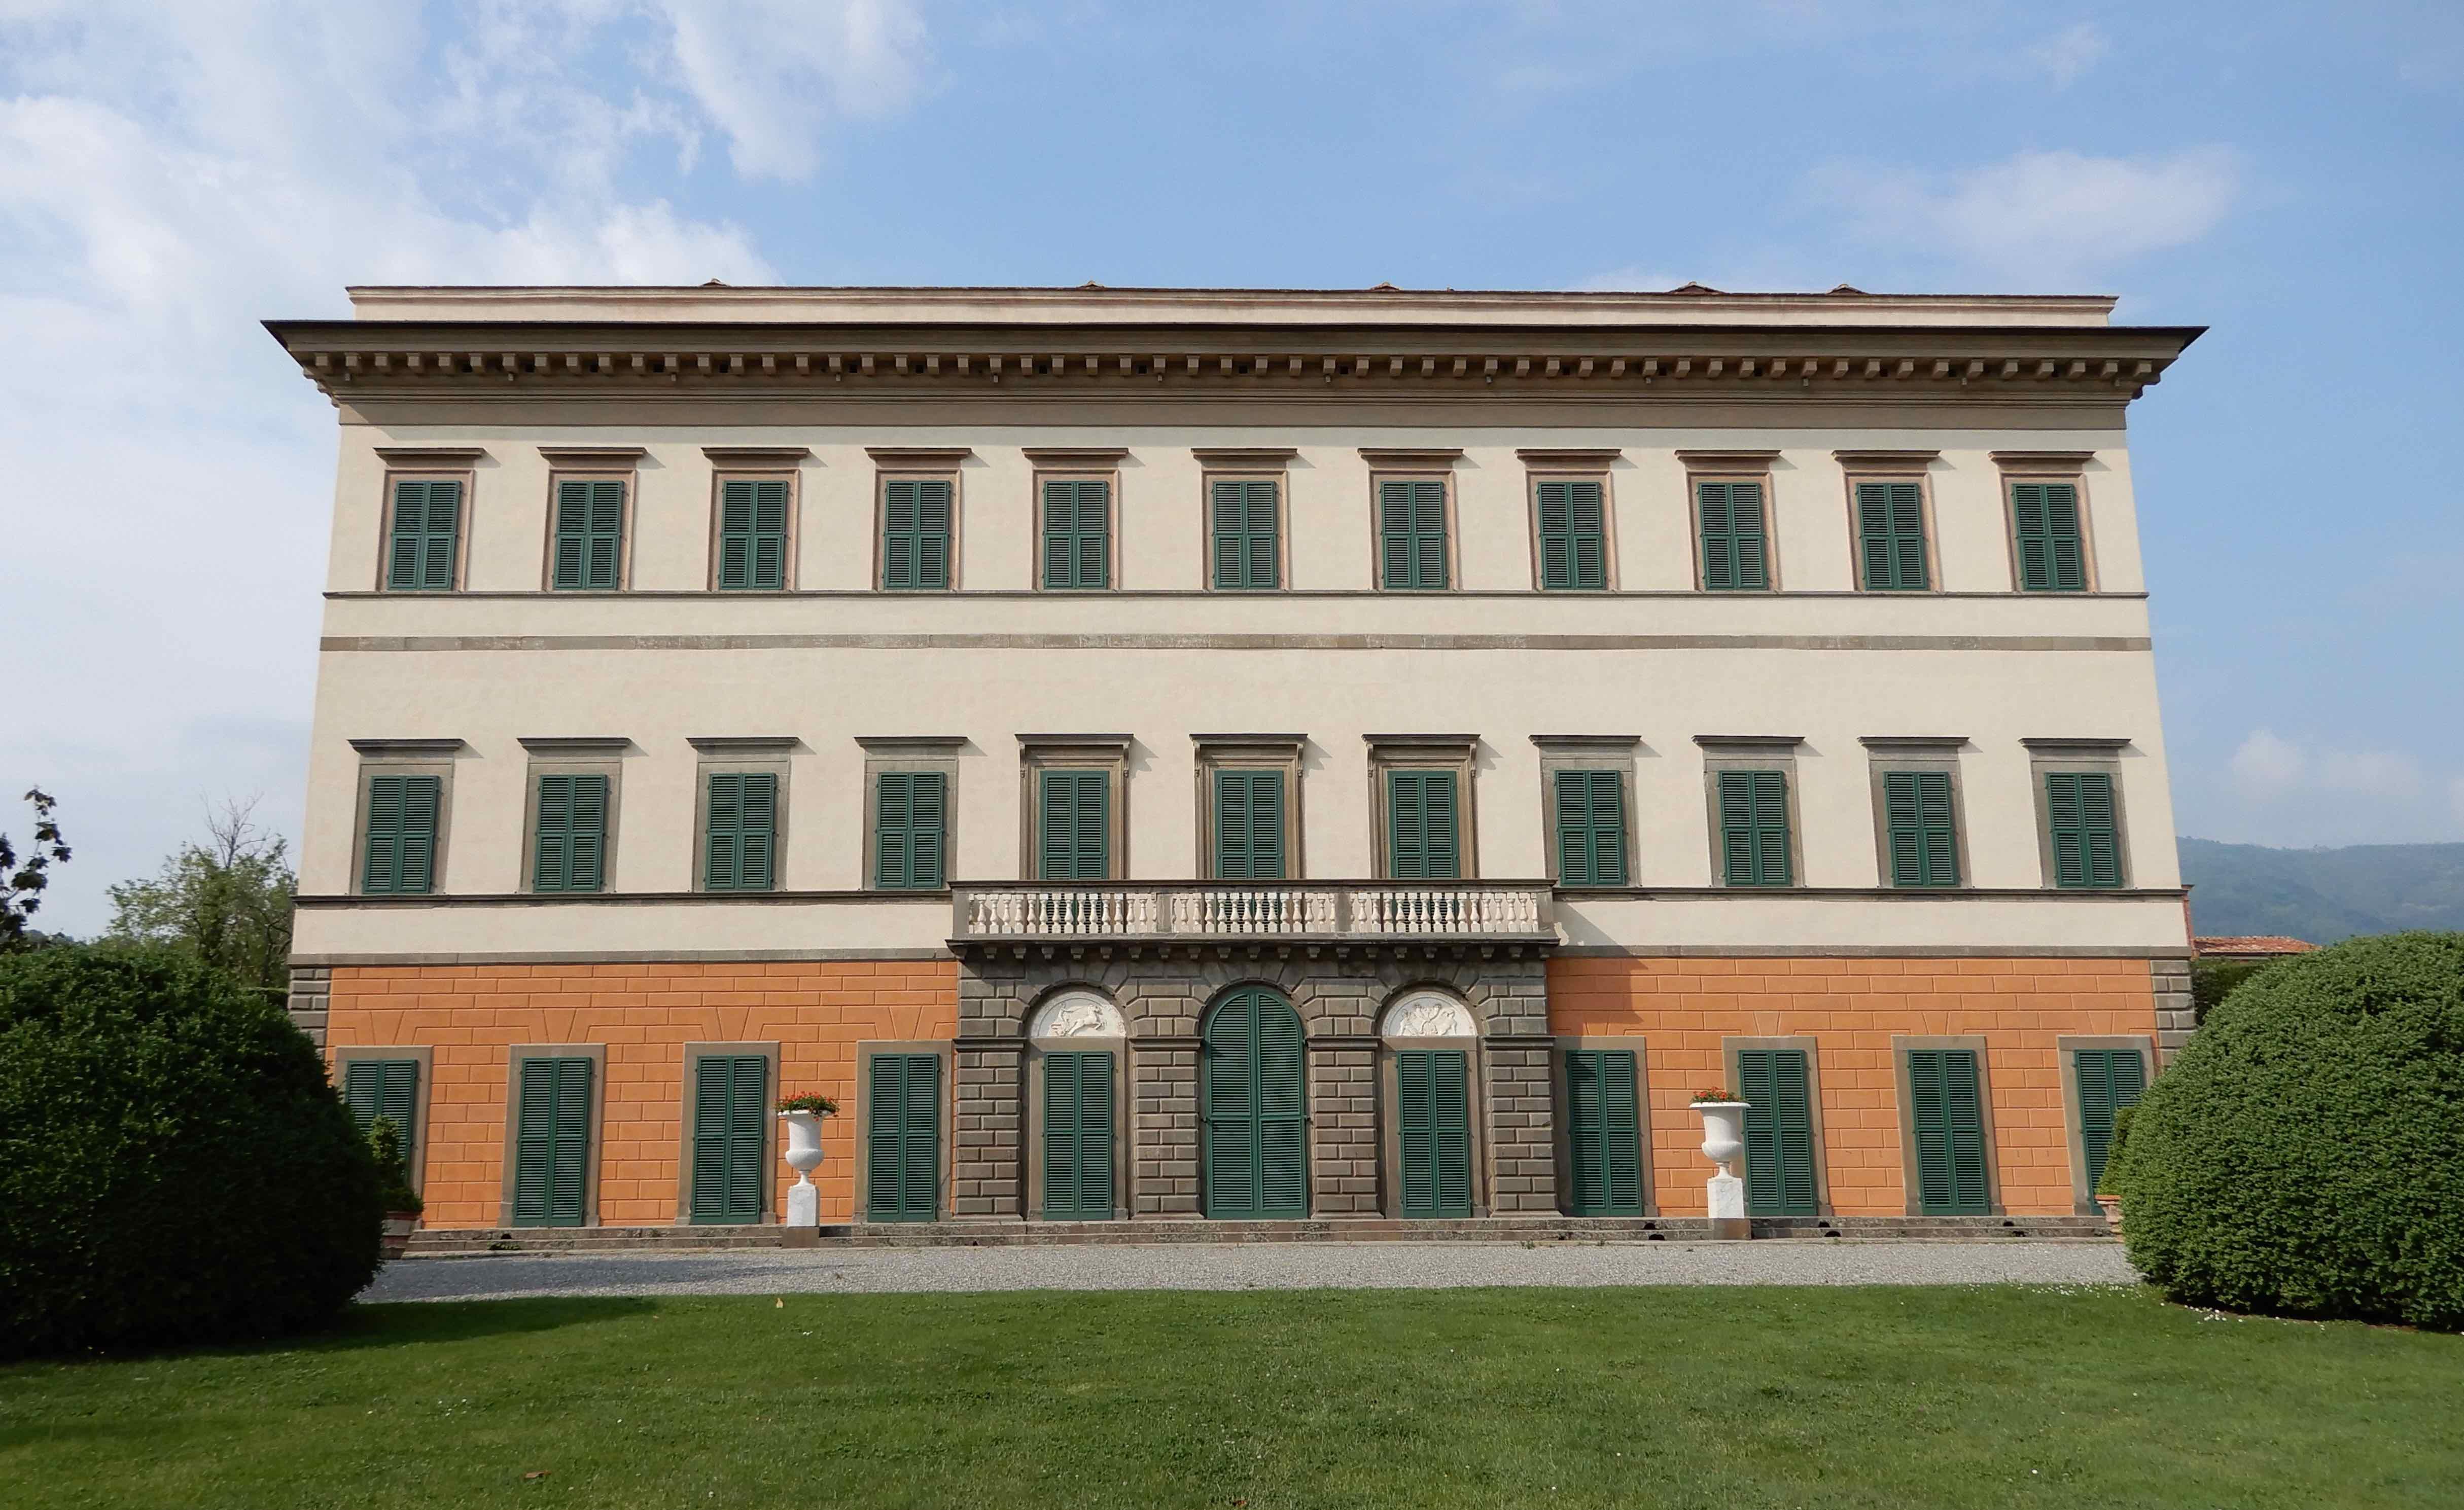 4.Villa Reale